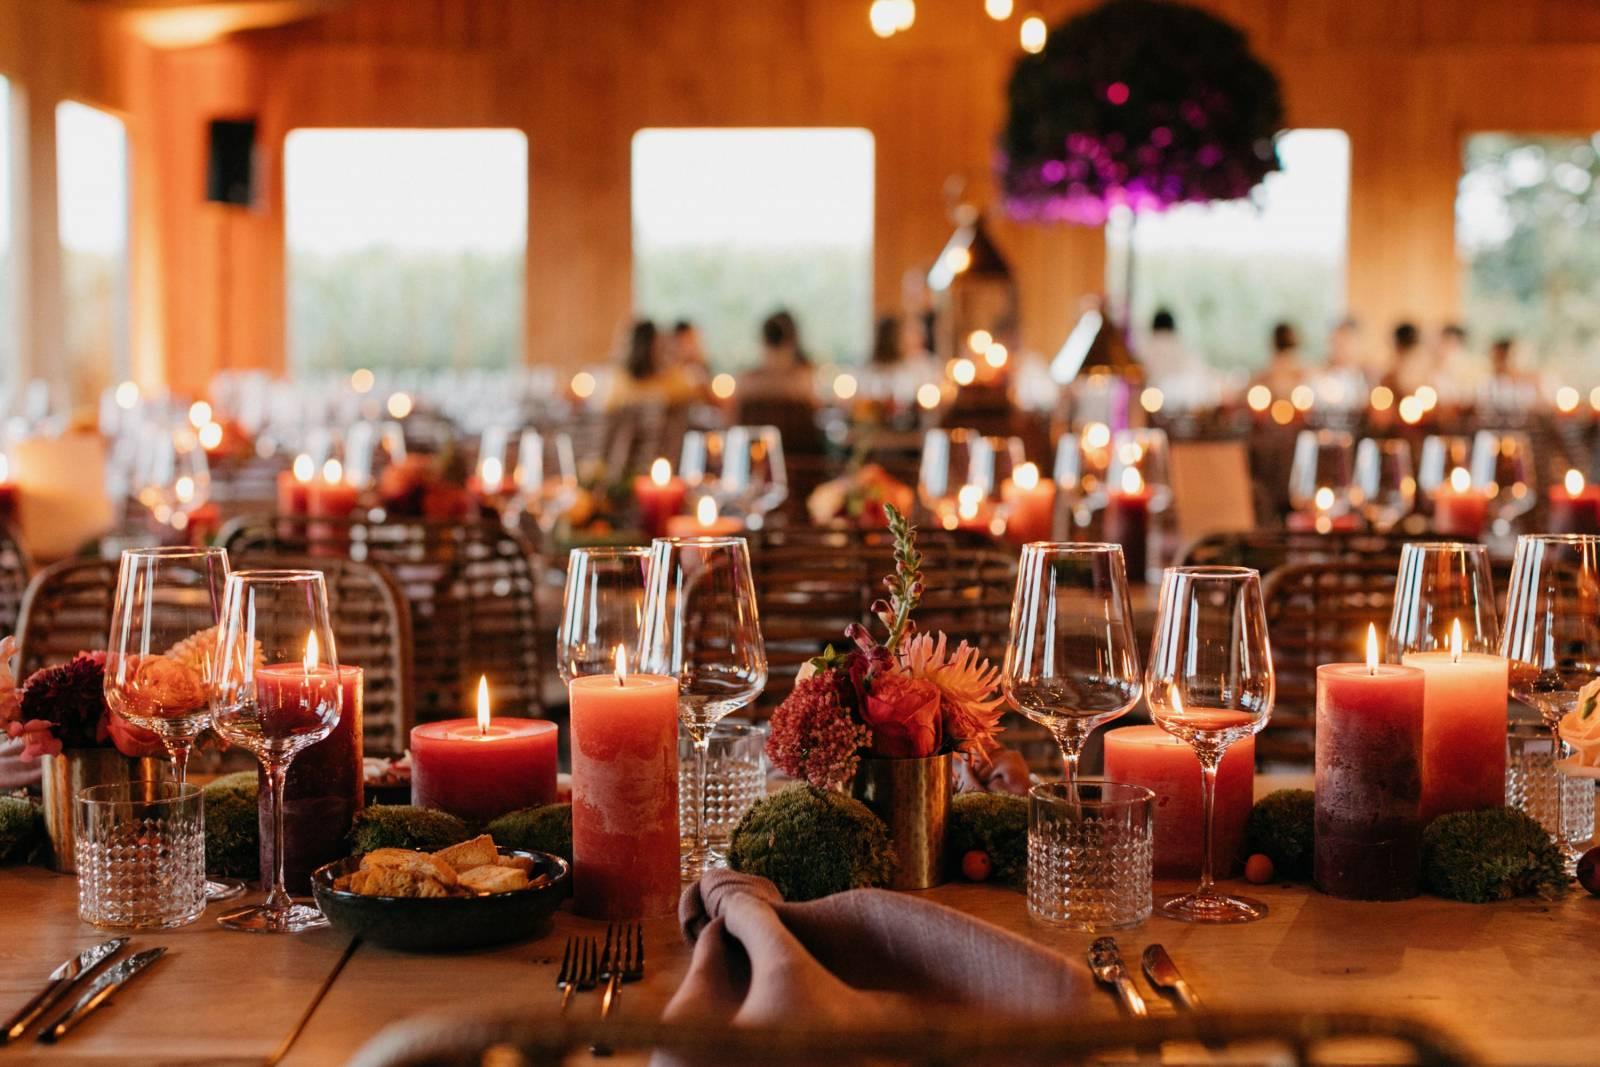 Maison Julie - Bruidsboeket - Bloemen huwelijk trouw bruiloft - Ciska & Jimte - Fotograaf Mathias Hannes - House of Weddings - 23